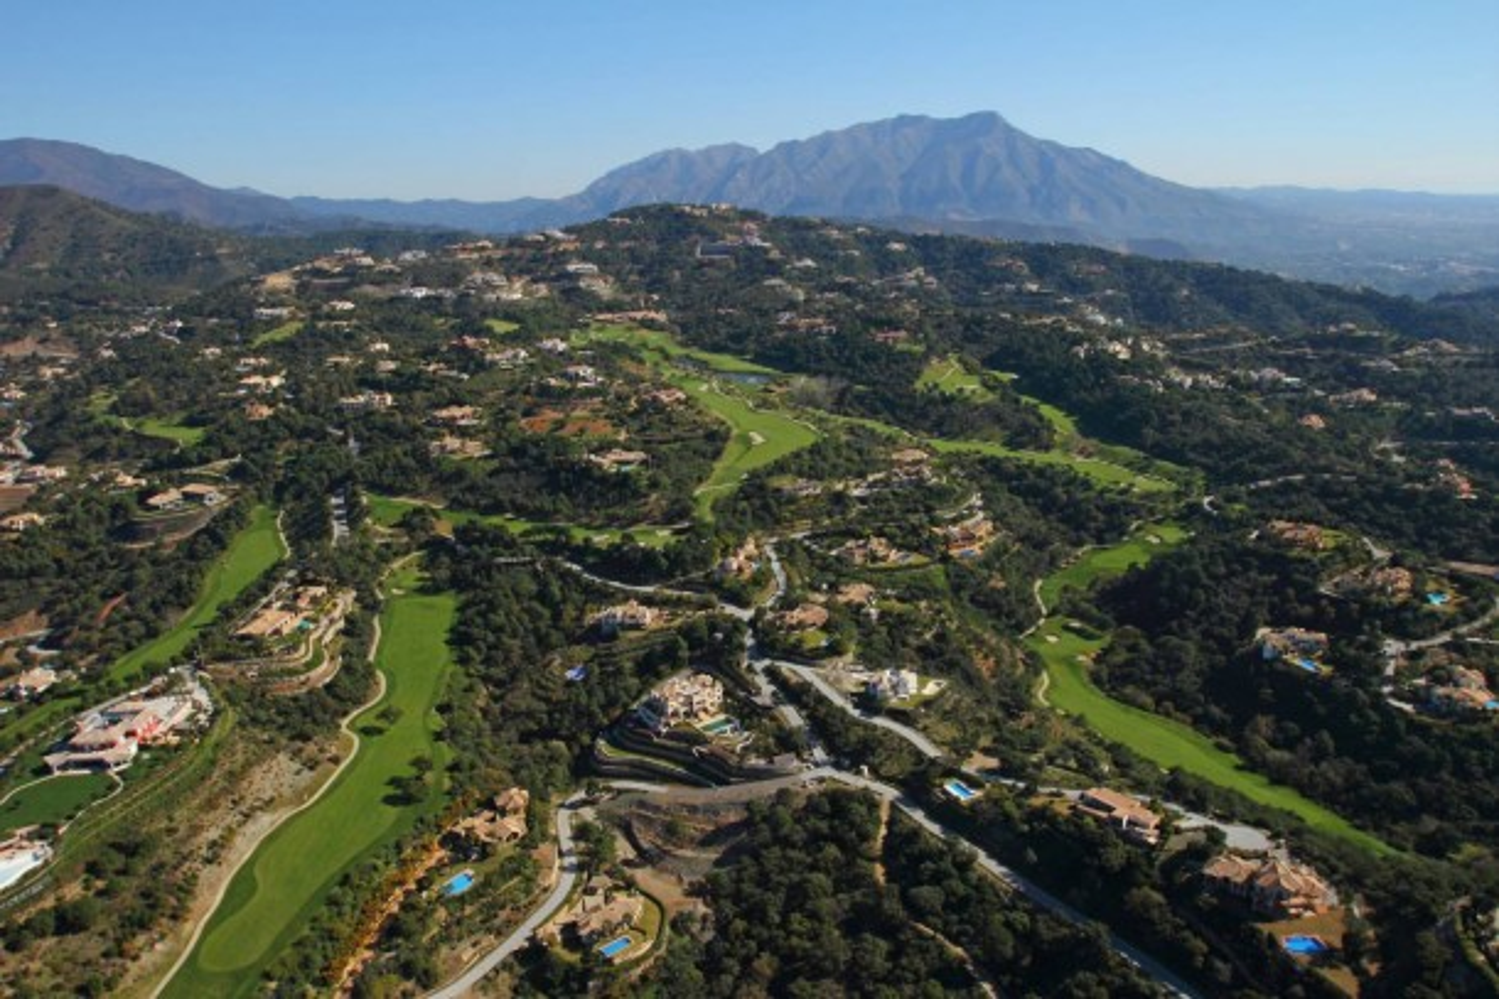 Aerial view La Zagaleta